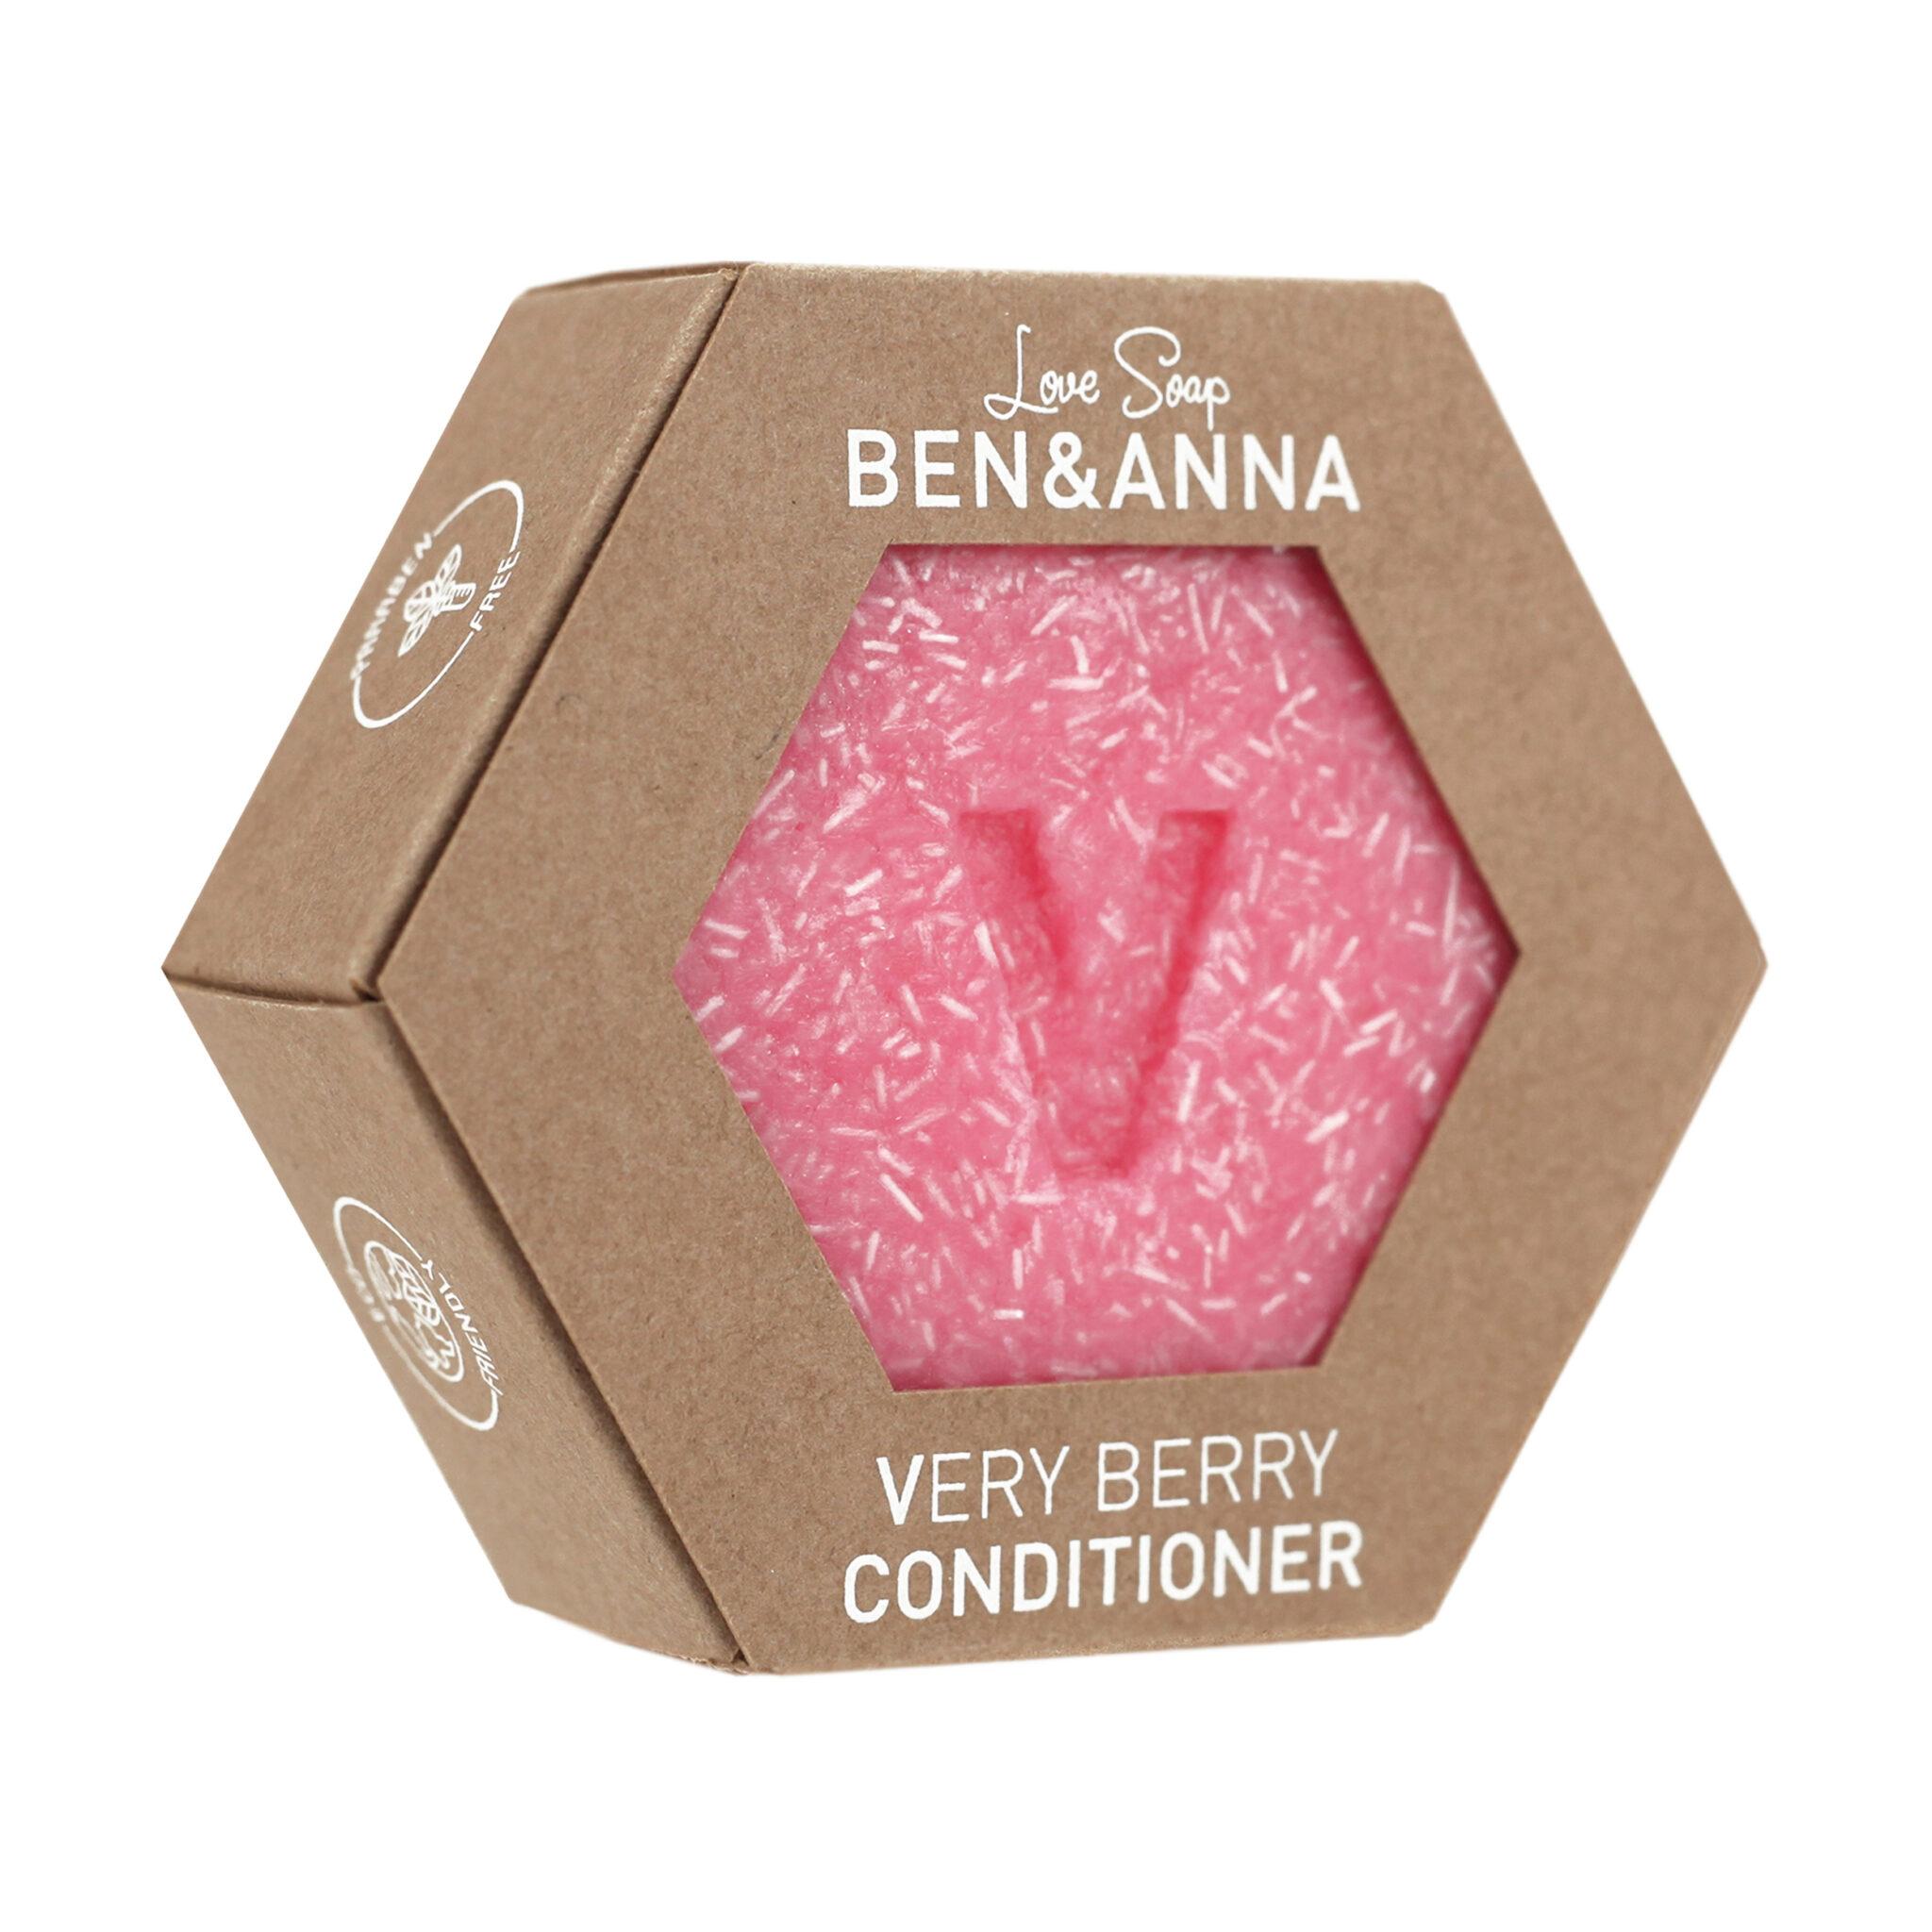 Conditioner Very Berry, Ben&Anna